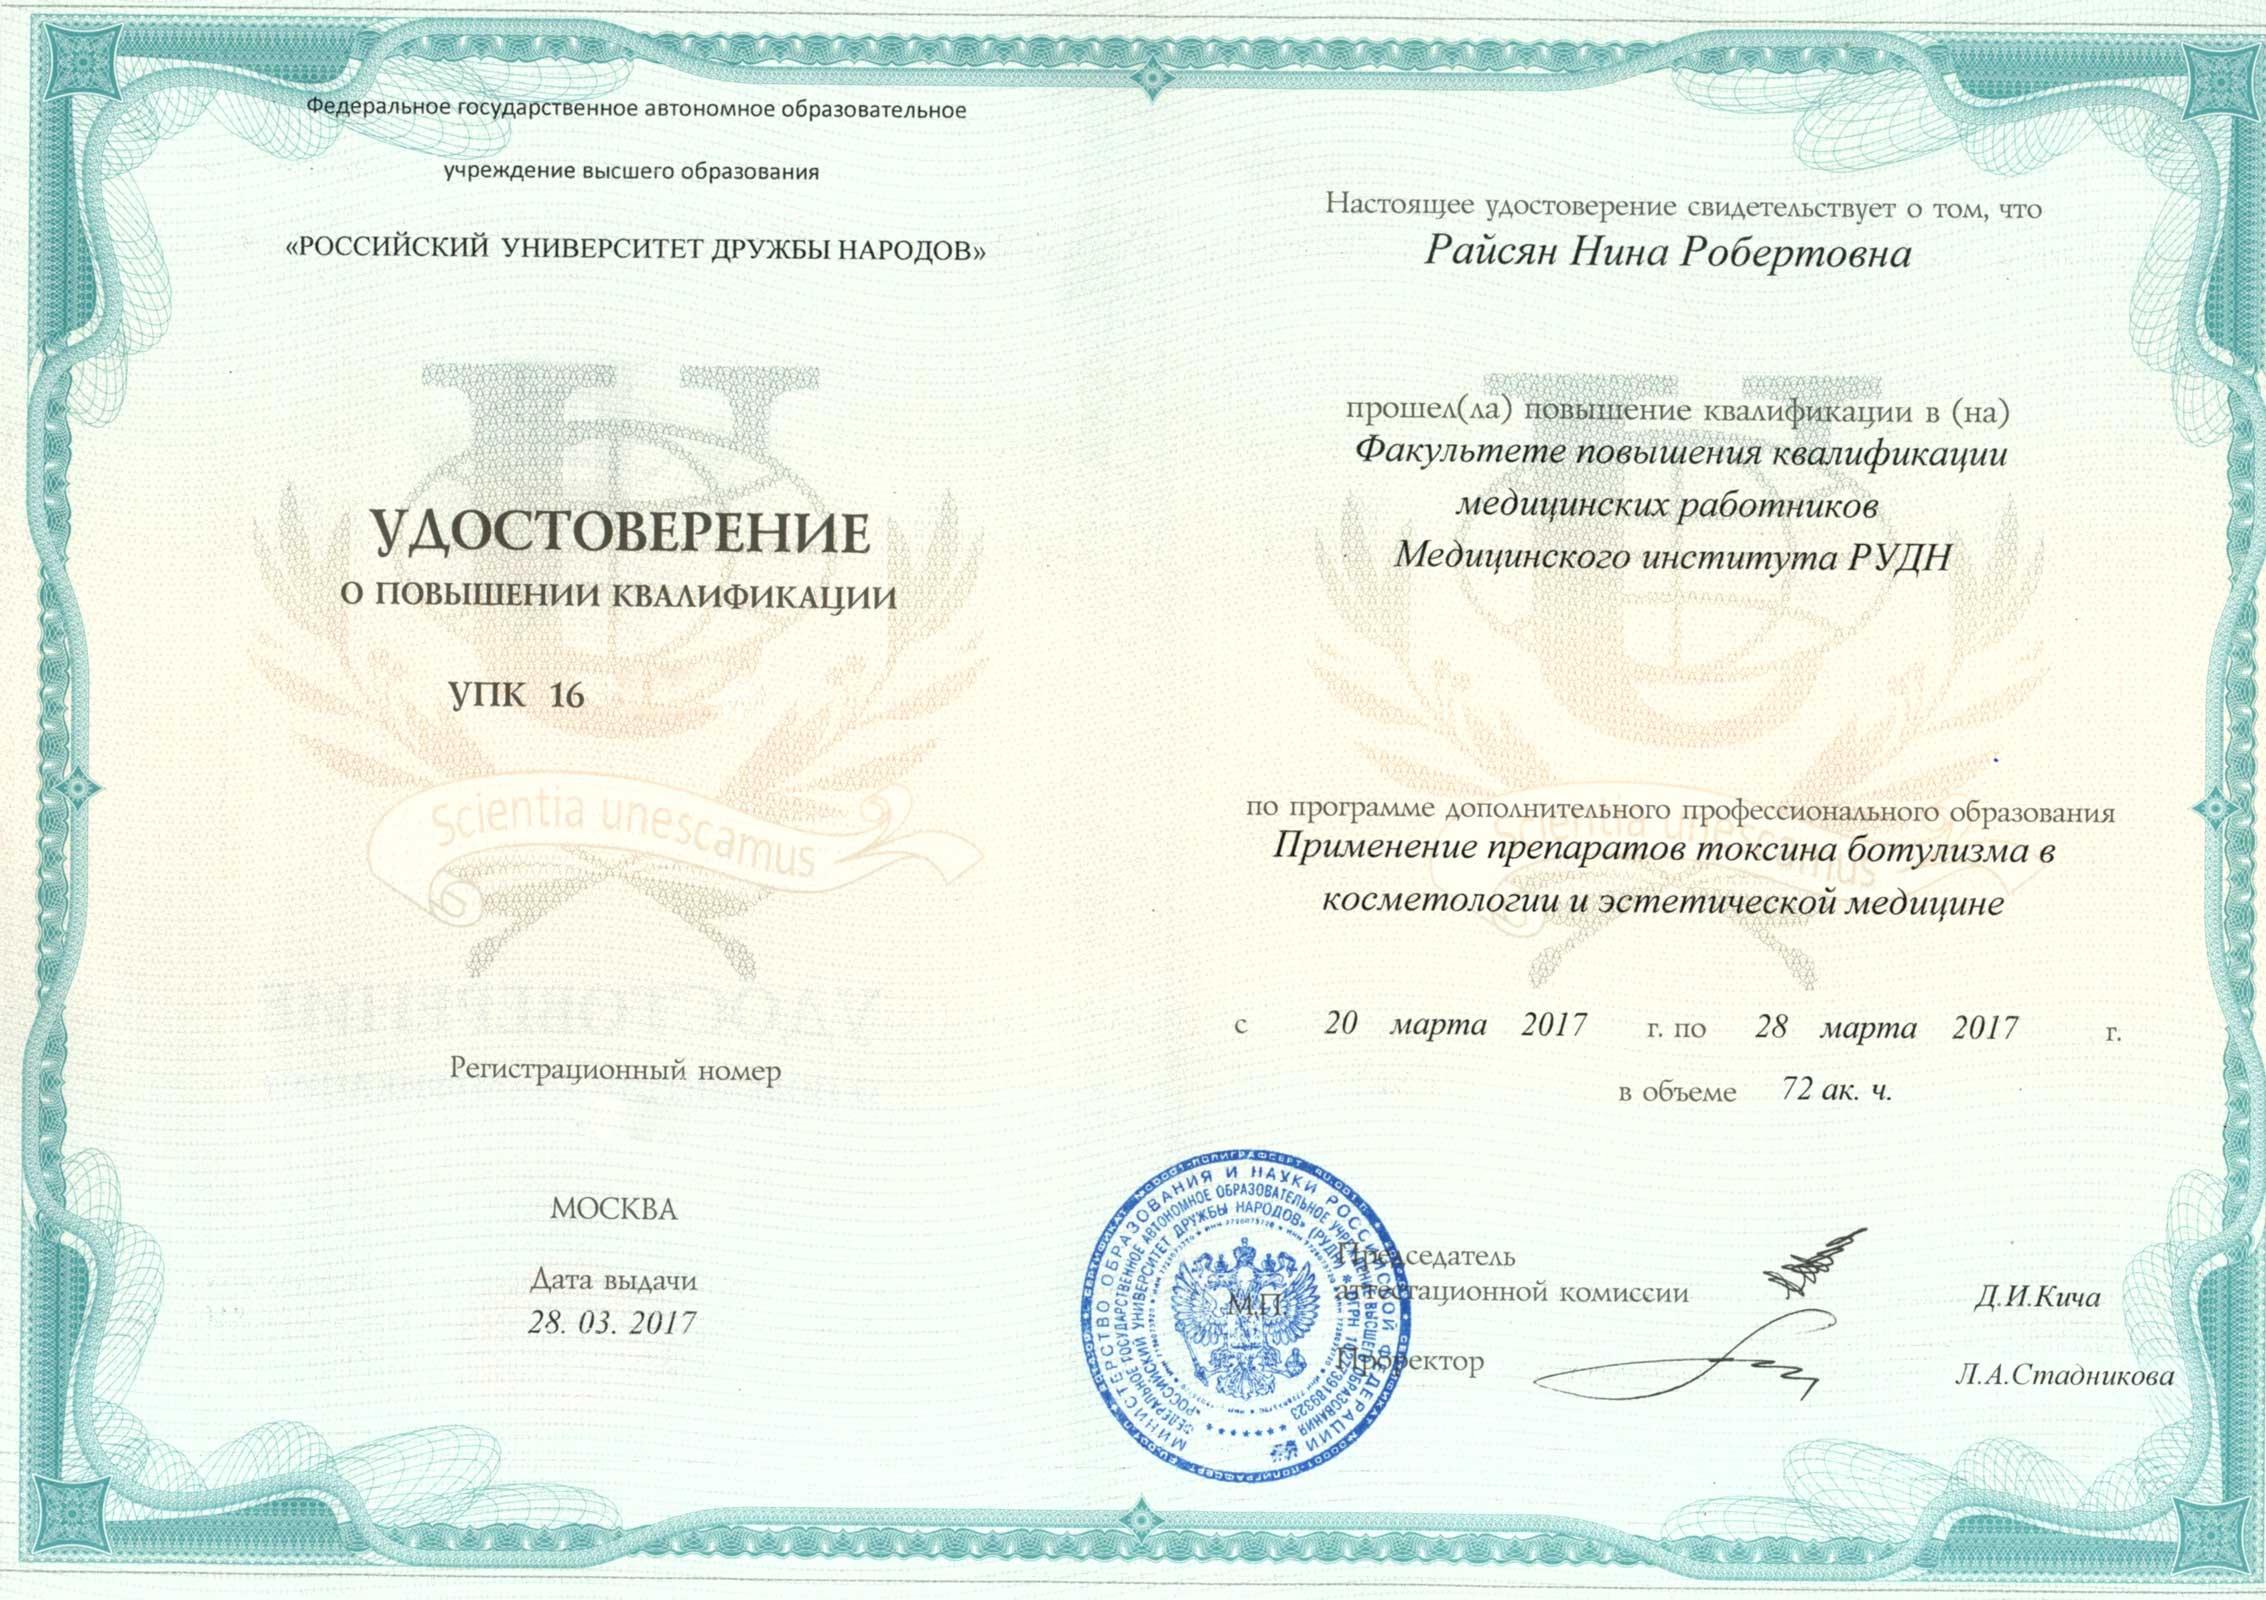 Удостоверение о повышении квалификации врача-косметолога Райсян Н.Р.